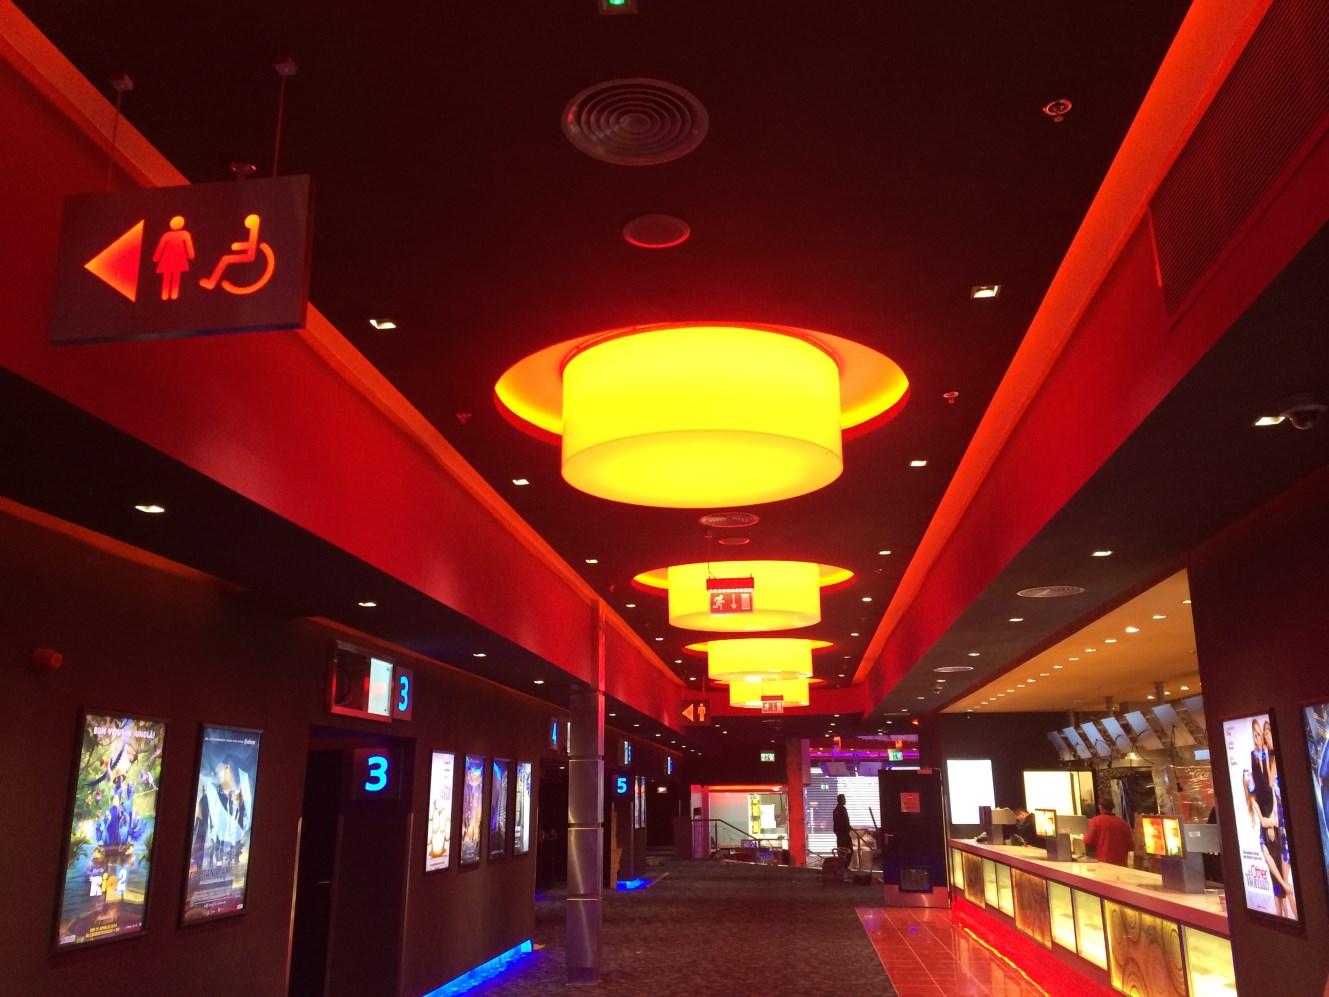 Cinema City Multisala cinema complex